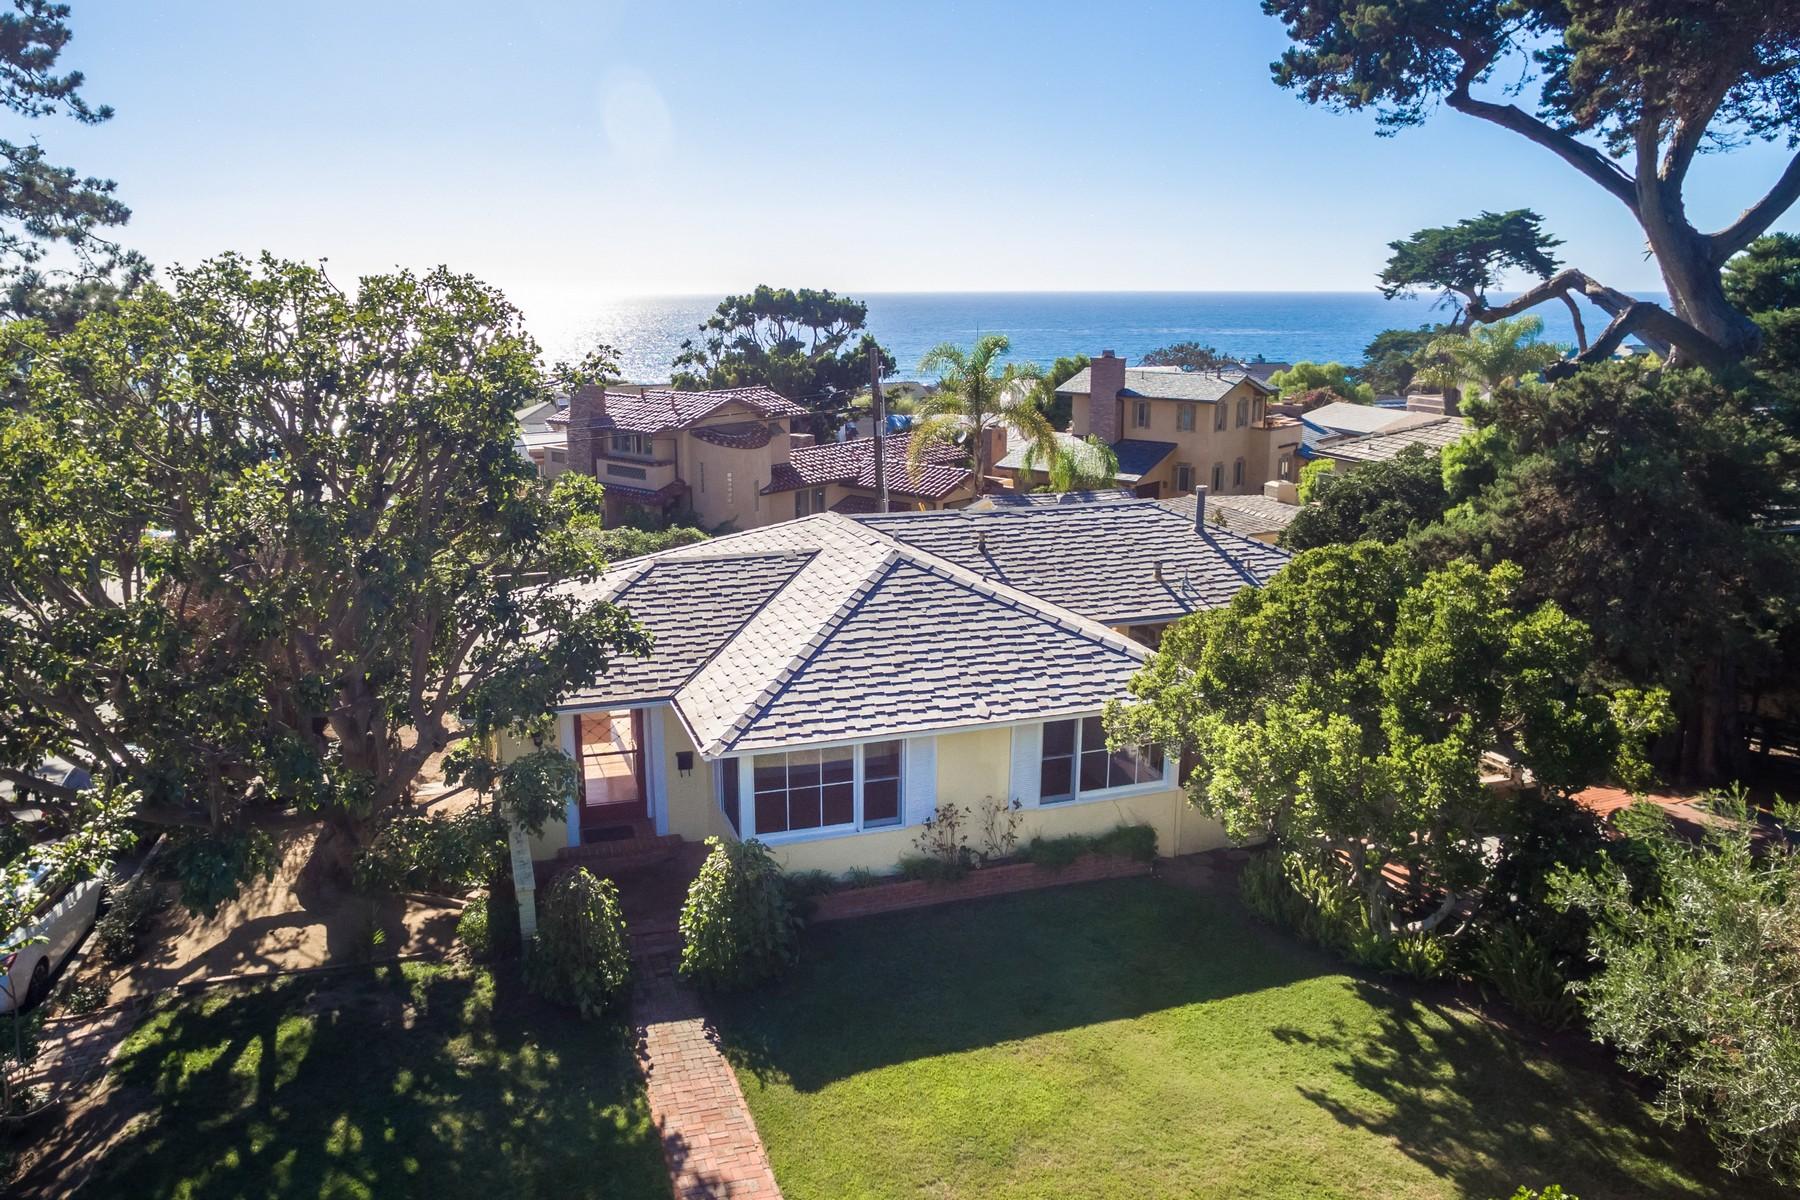 独户住宅 为 销售 在 1206 Stratford Court Del Mar, 加利福尼亚州 92014 美国